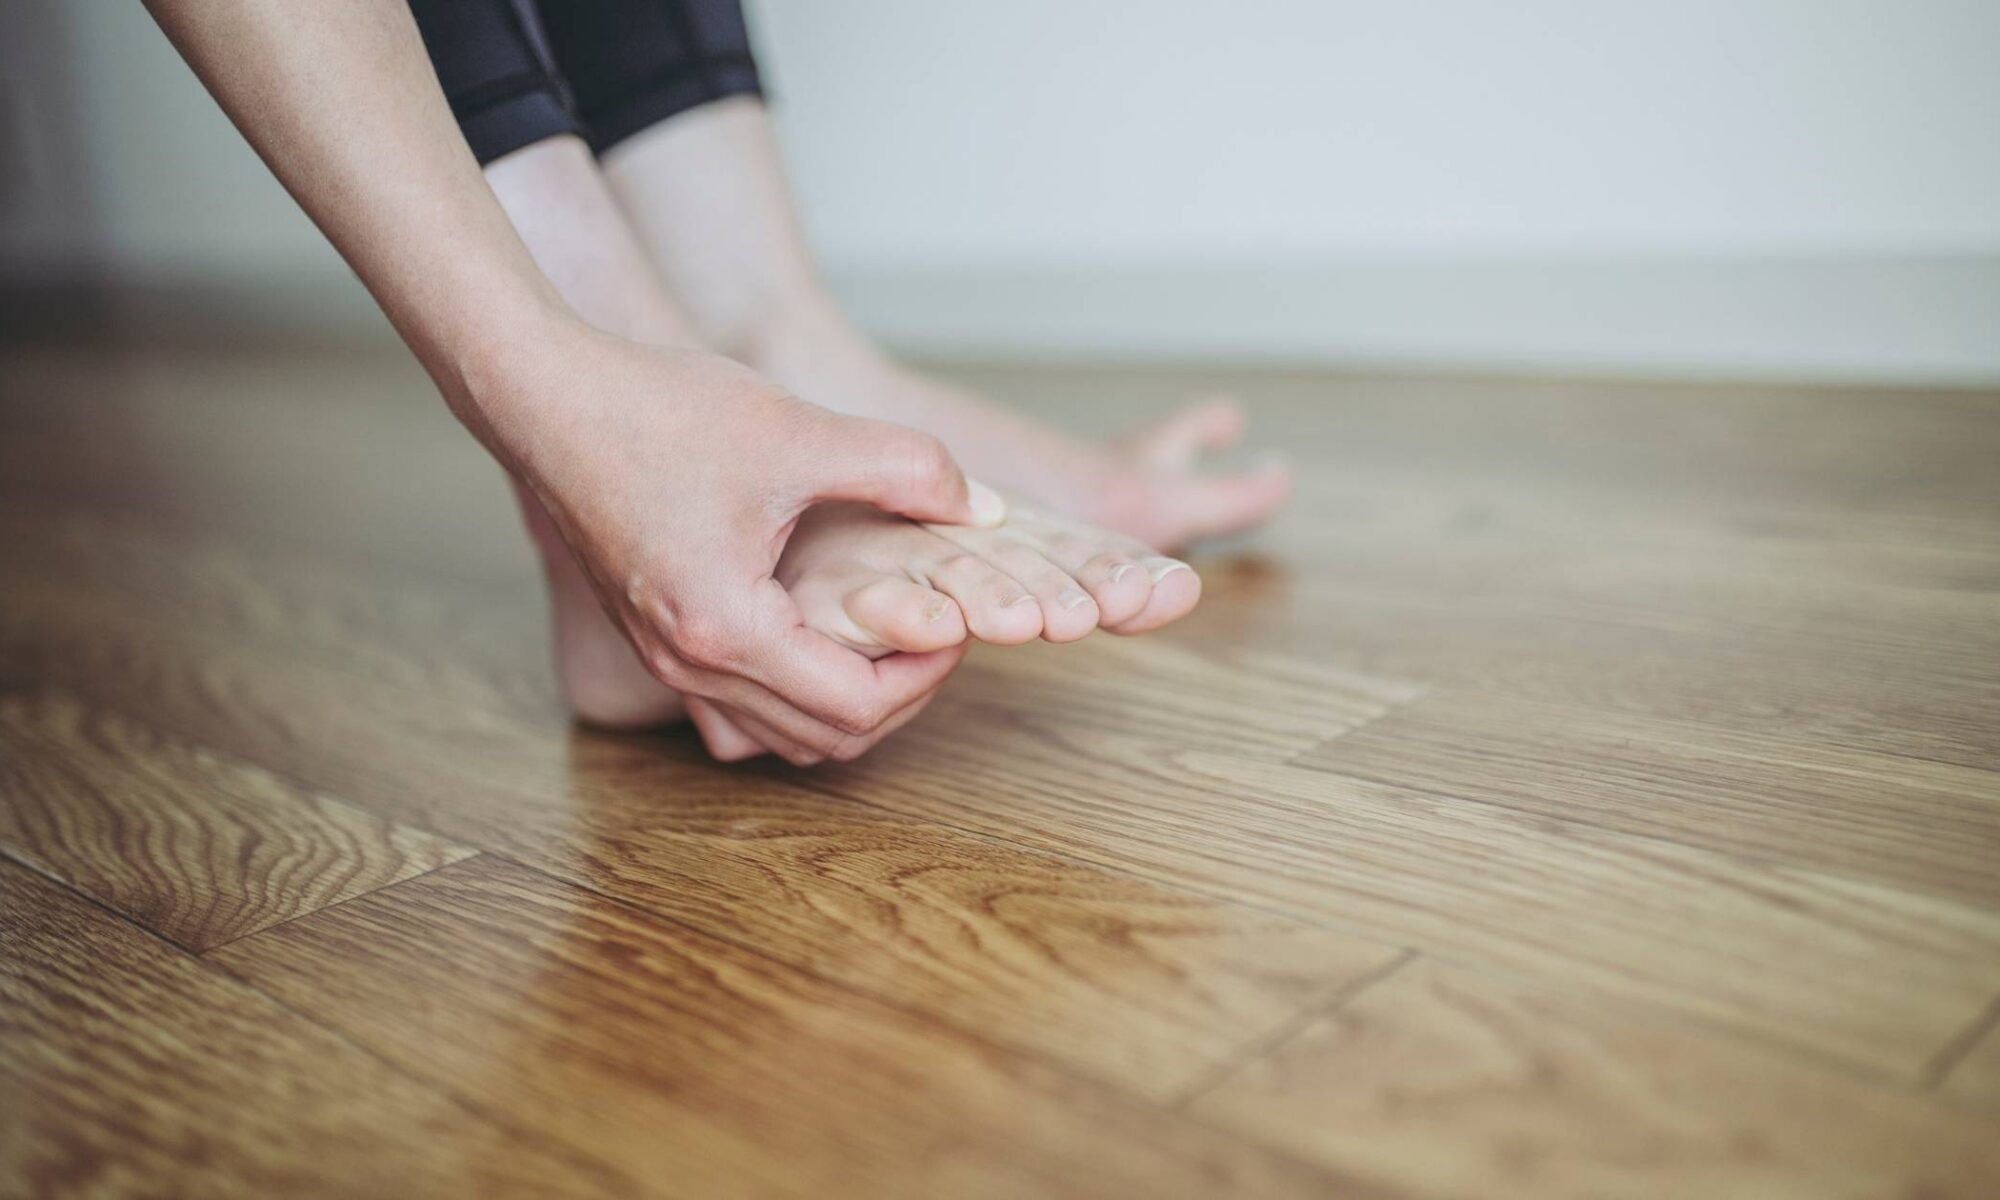 Dolor debajo del dedo gordo del pie al despertarse o hacer ejercicio